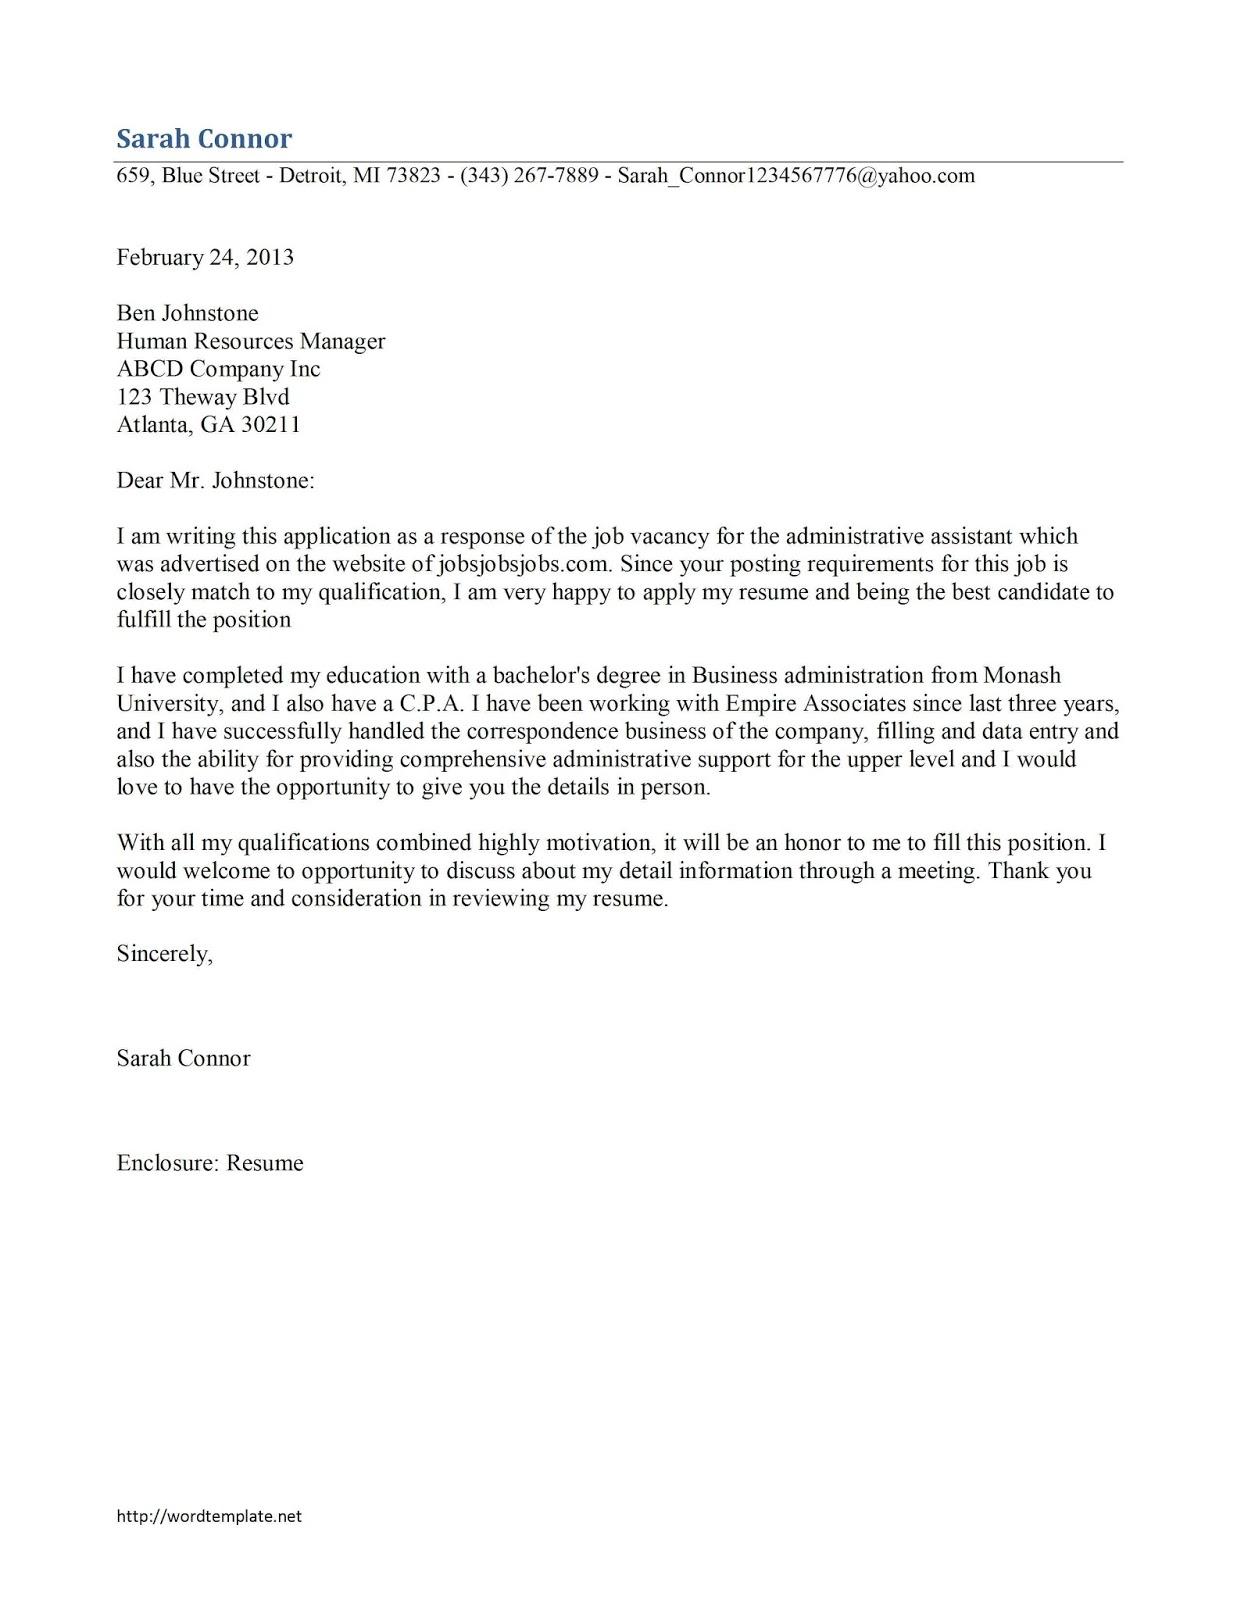 job application letter sample 1